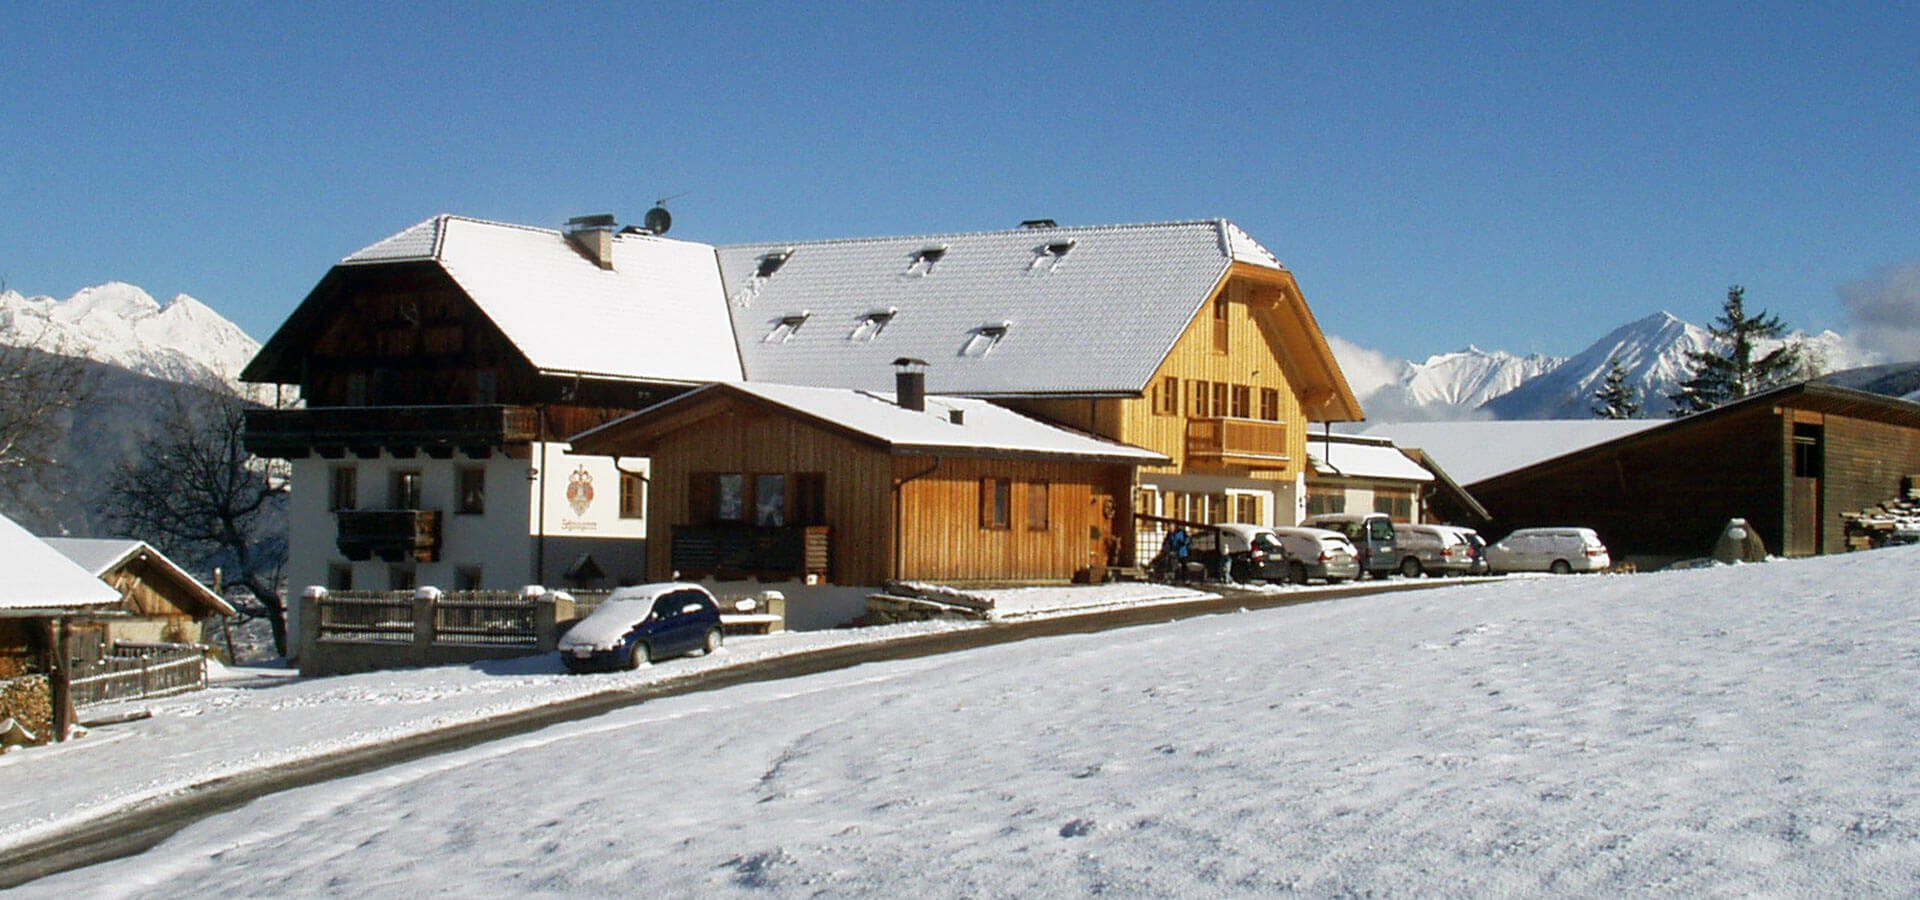 urlaub-bauernhof-winter-suedtirol